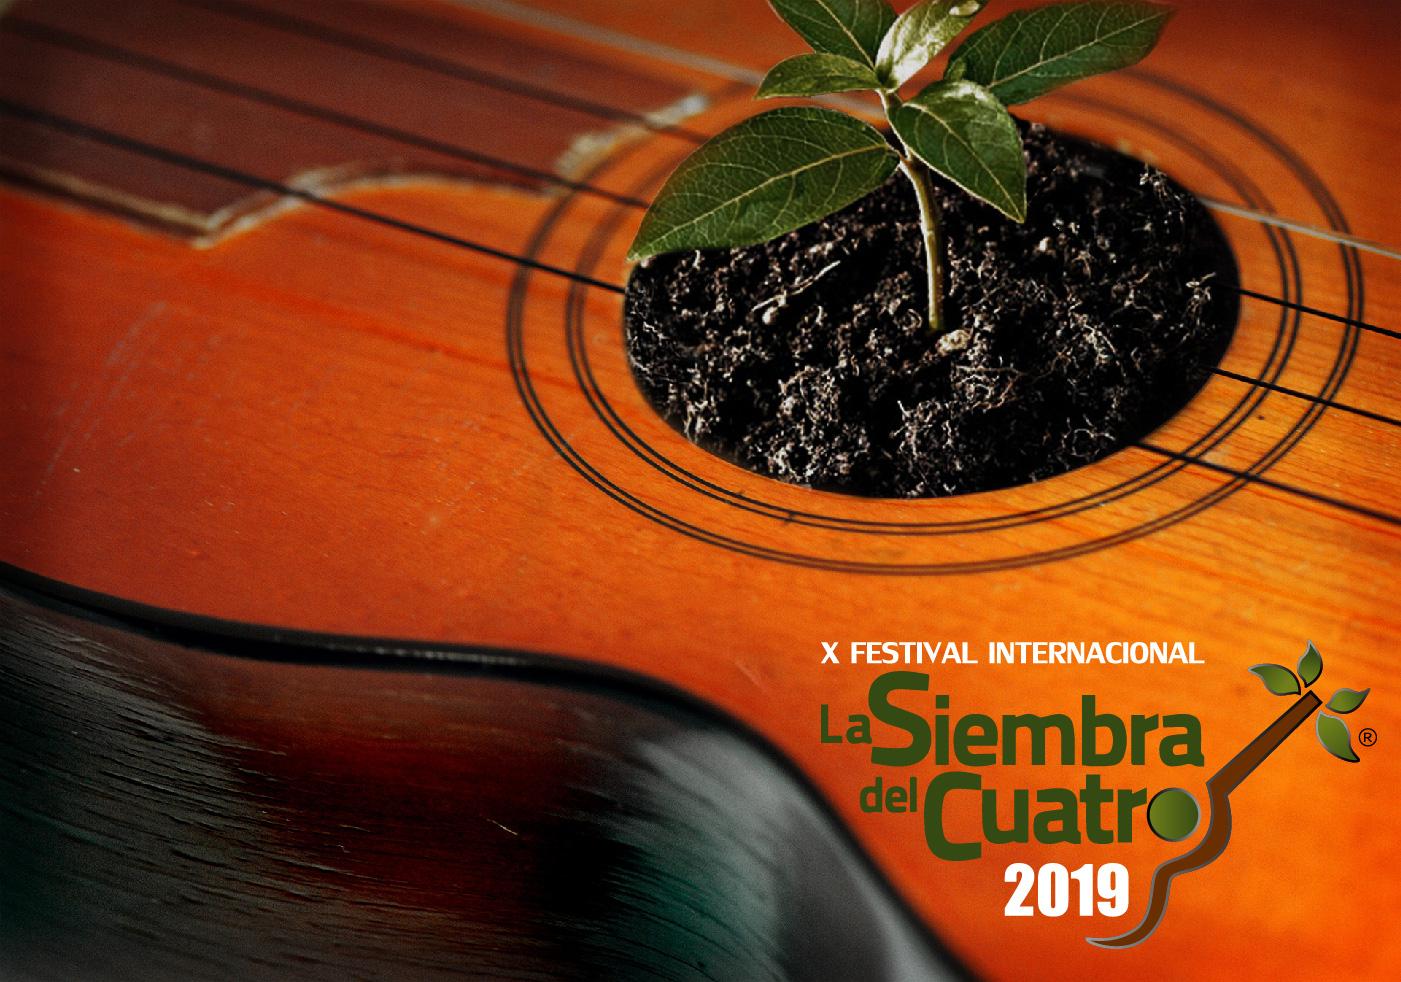 Festival La Siembra Del Cuatro 2019 Masifica Participación A Través De Un Canal YouTube